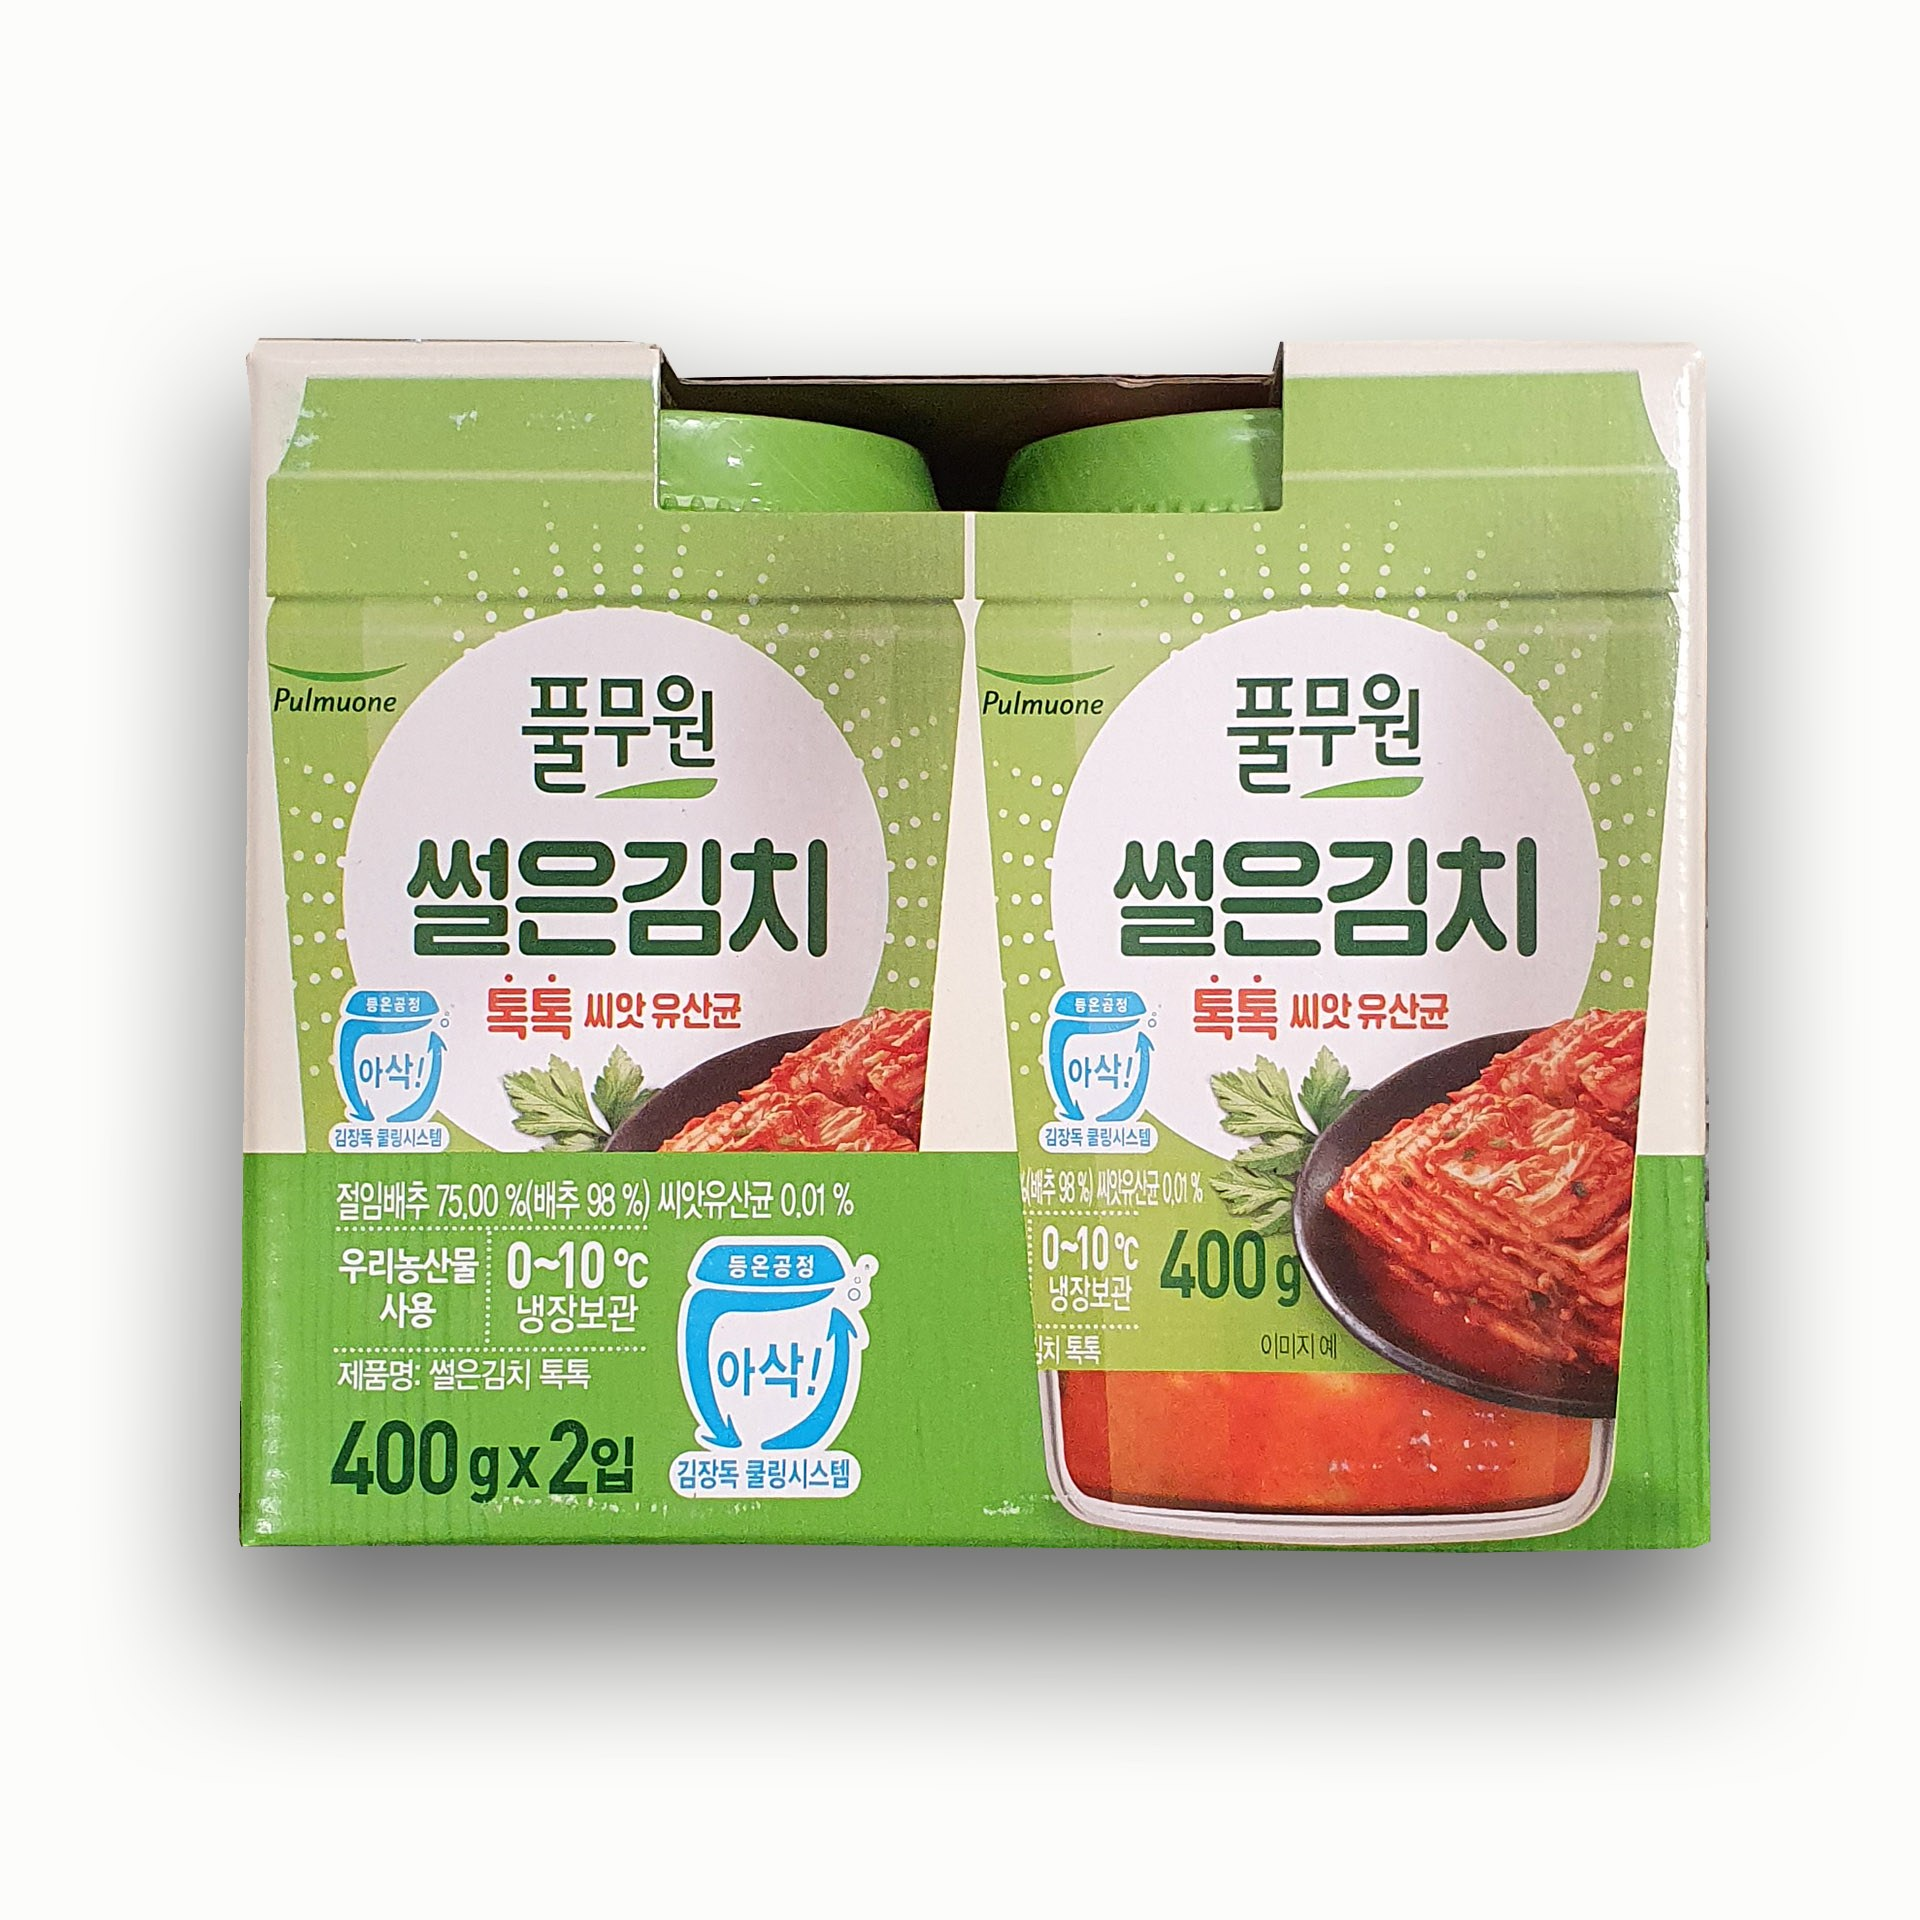 [아워홈마트] 풀무원 톡톡썰은김치 400g × 2개 / 친환경 보냉박스 포장, 1개